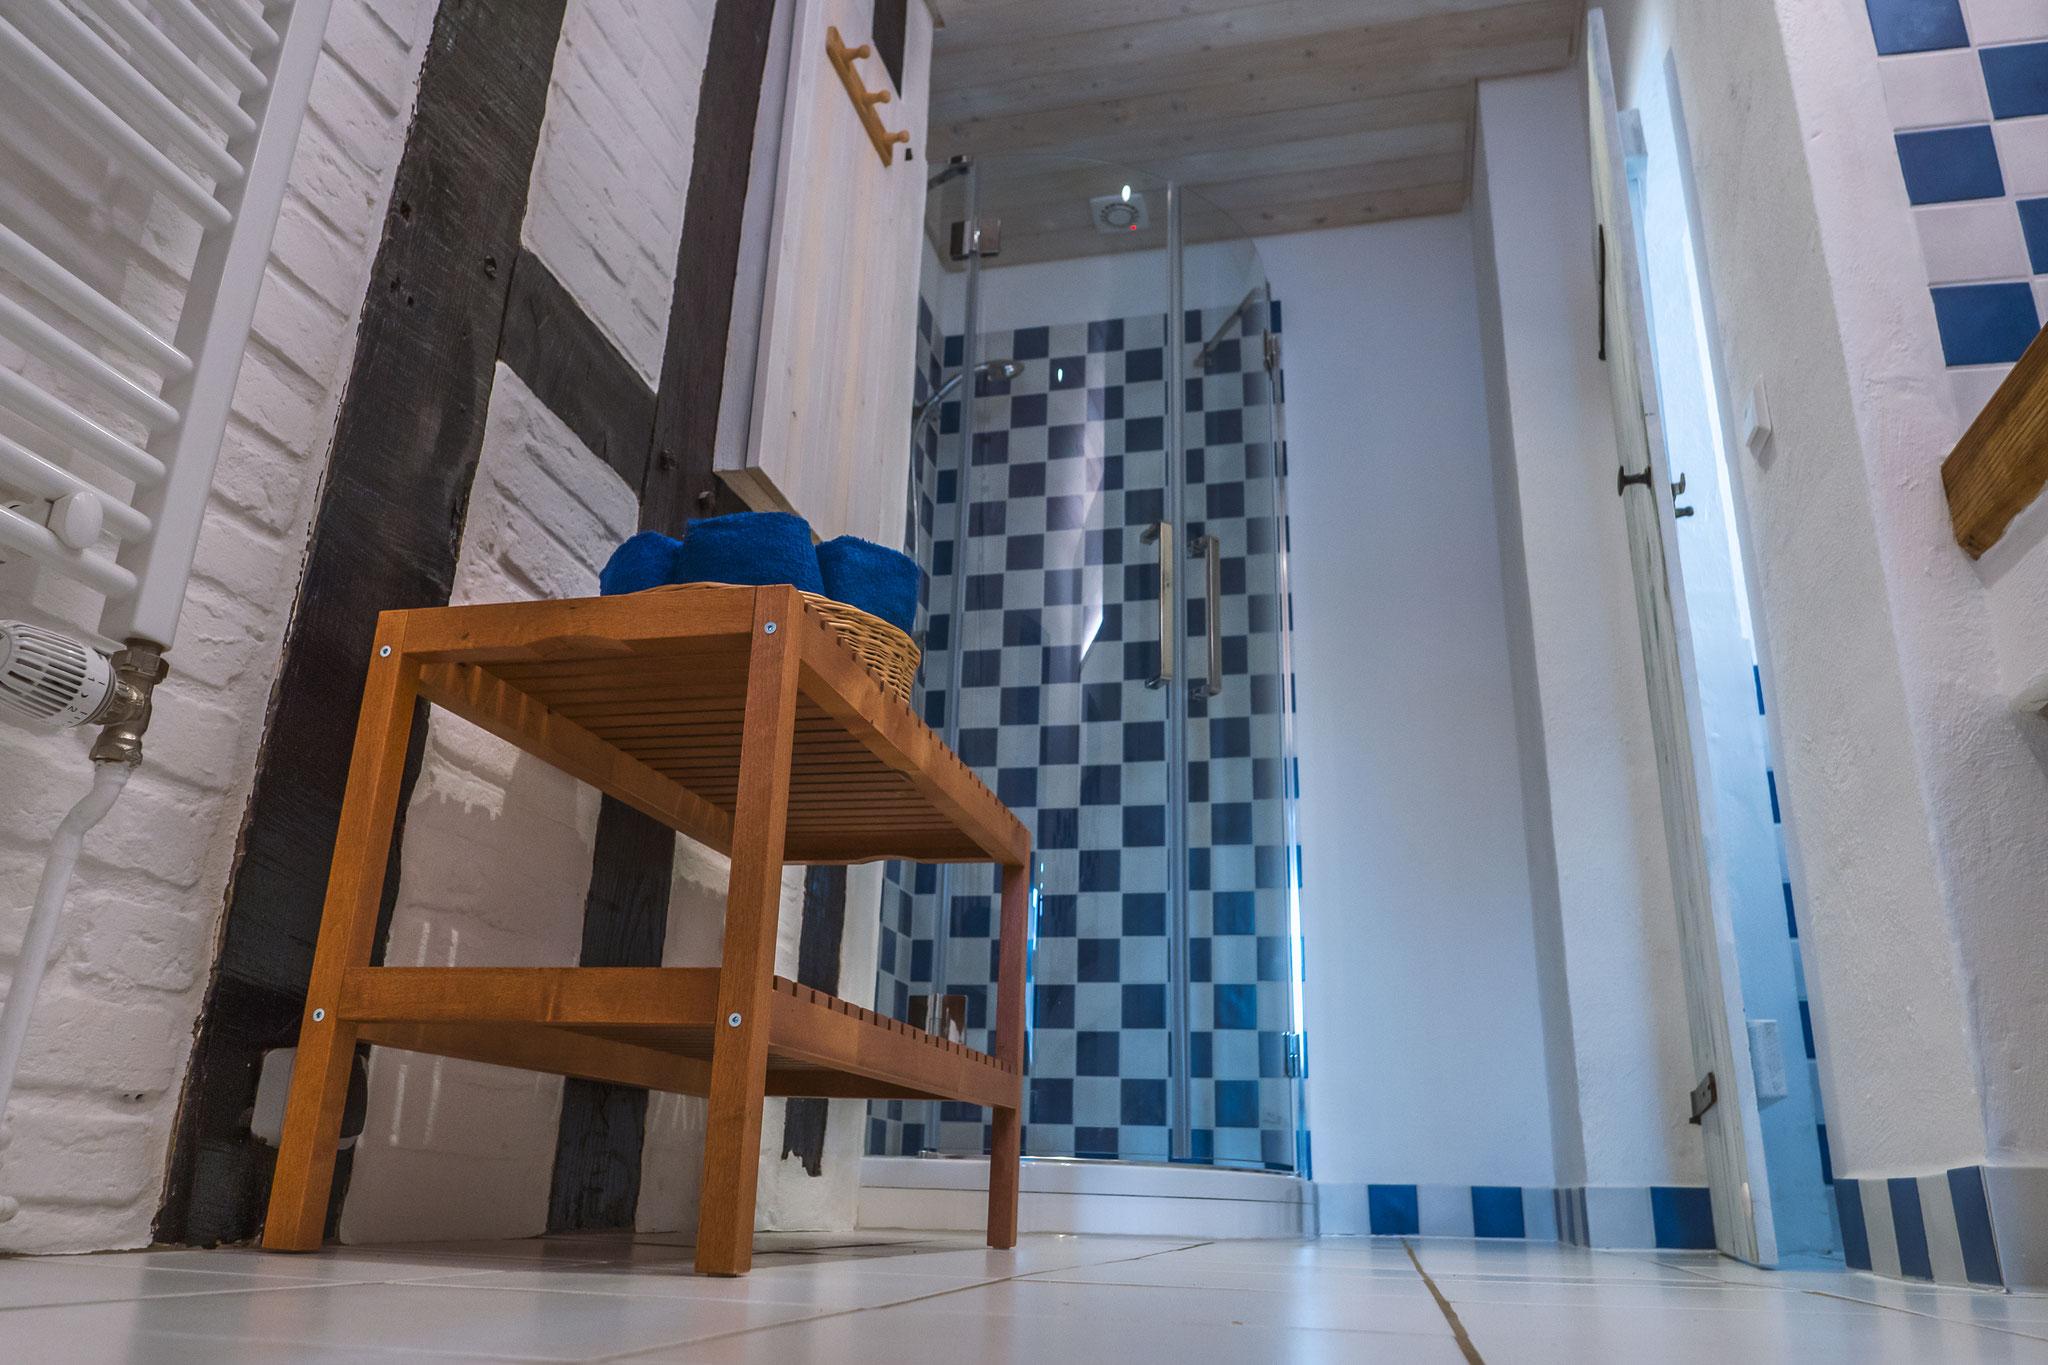 Seminarraum und Gruppenraum, Badezimmer, Dusche